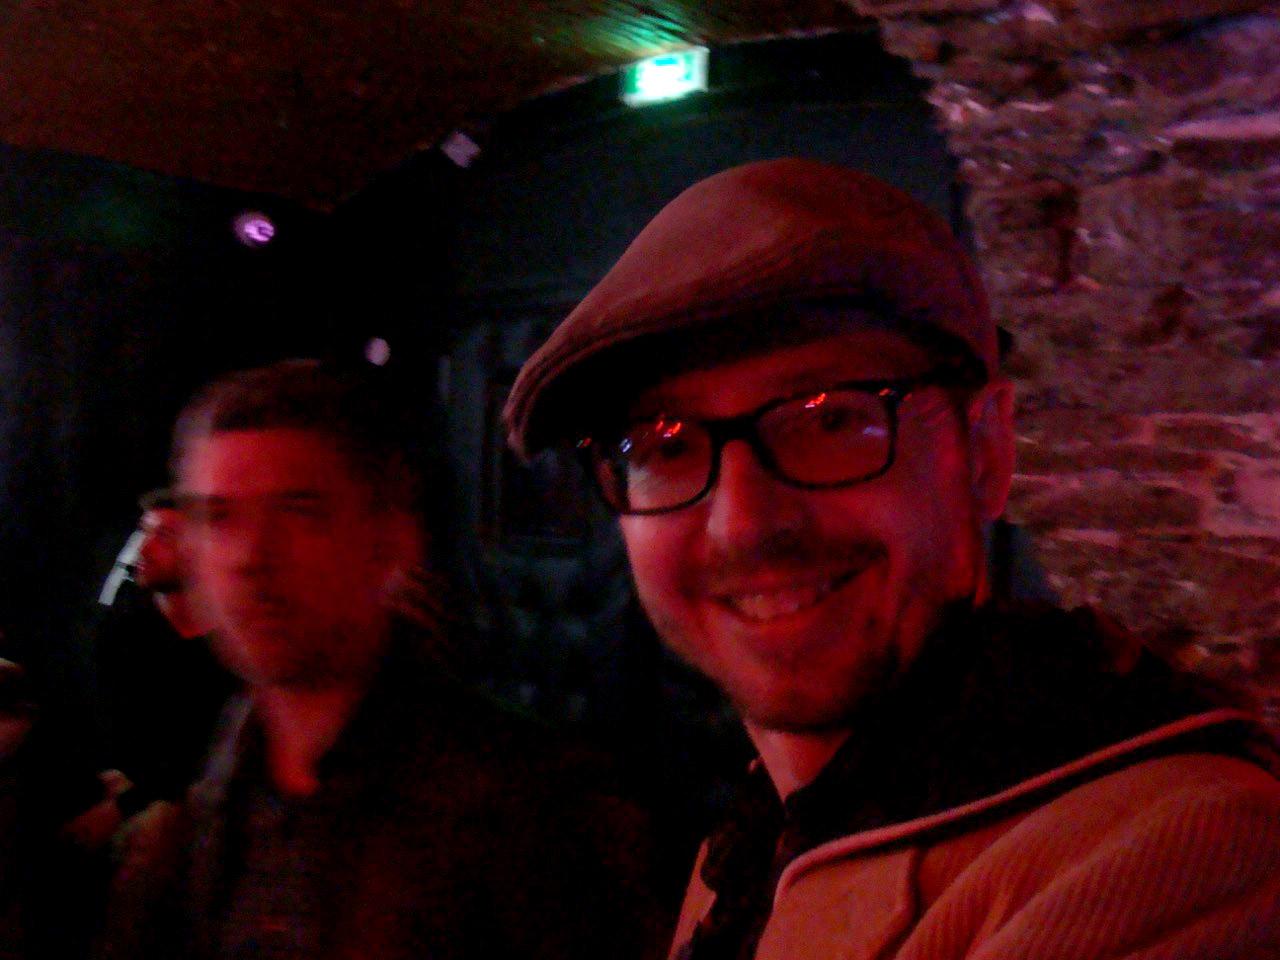 Olivier et Franck, duo de choc de Art et Noces Troubles à l'origine de cette soirée